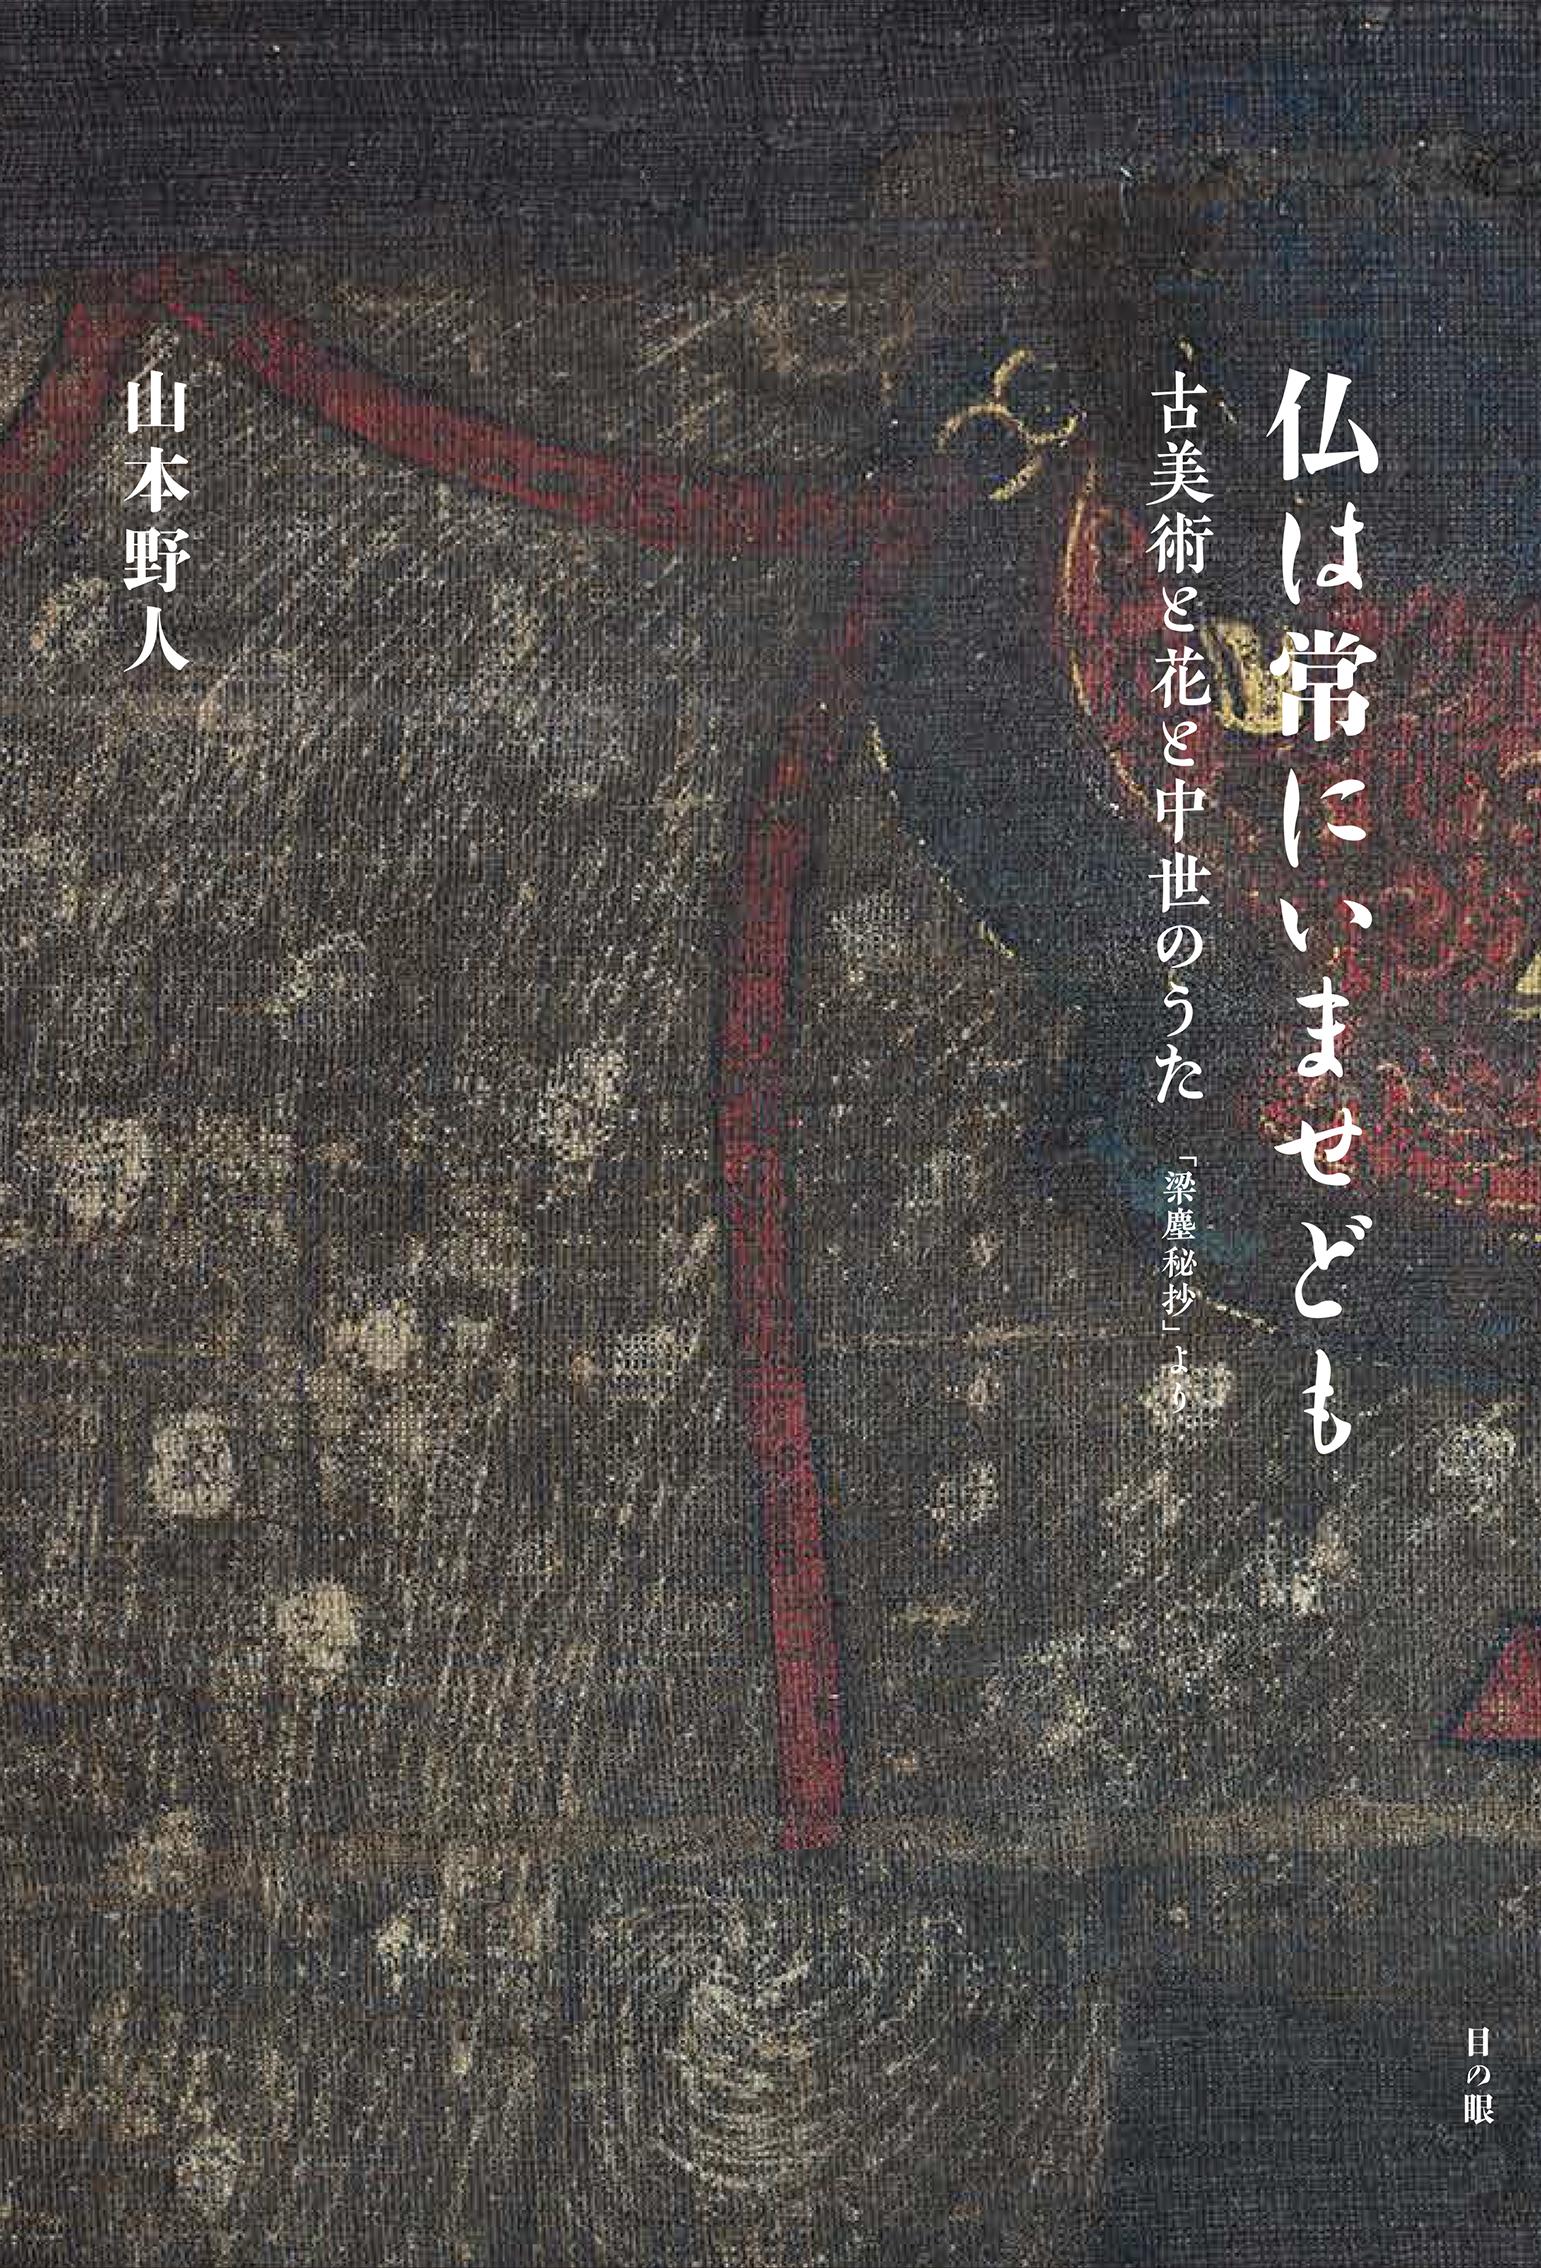 仏は常にいませども  古美術と花と中世のうた 「梁塵秘抄」より